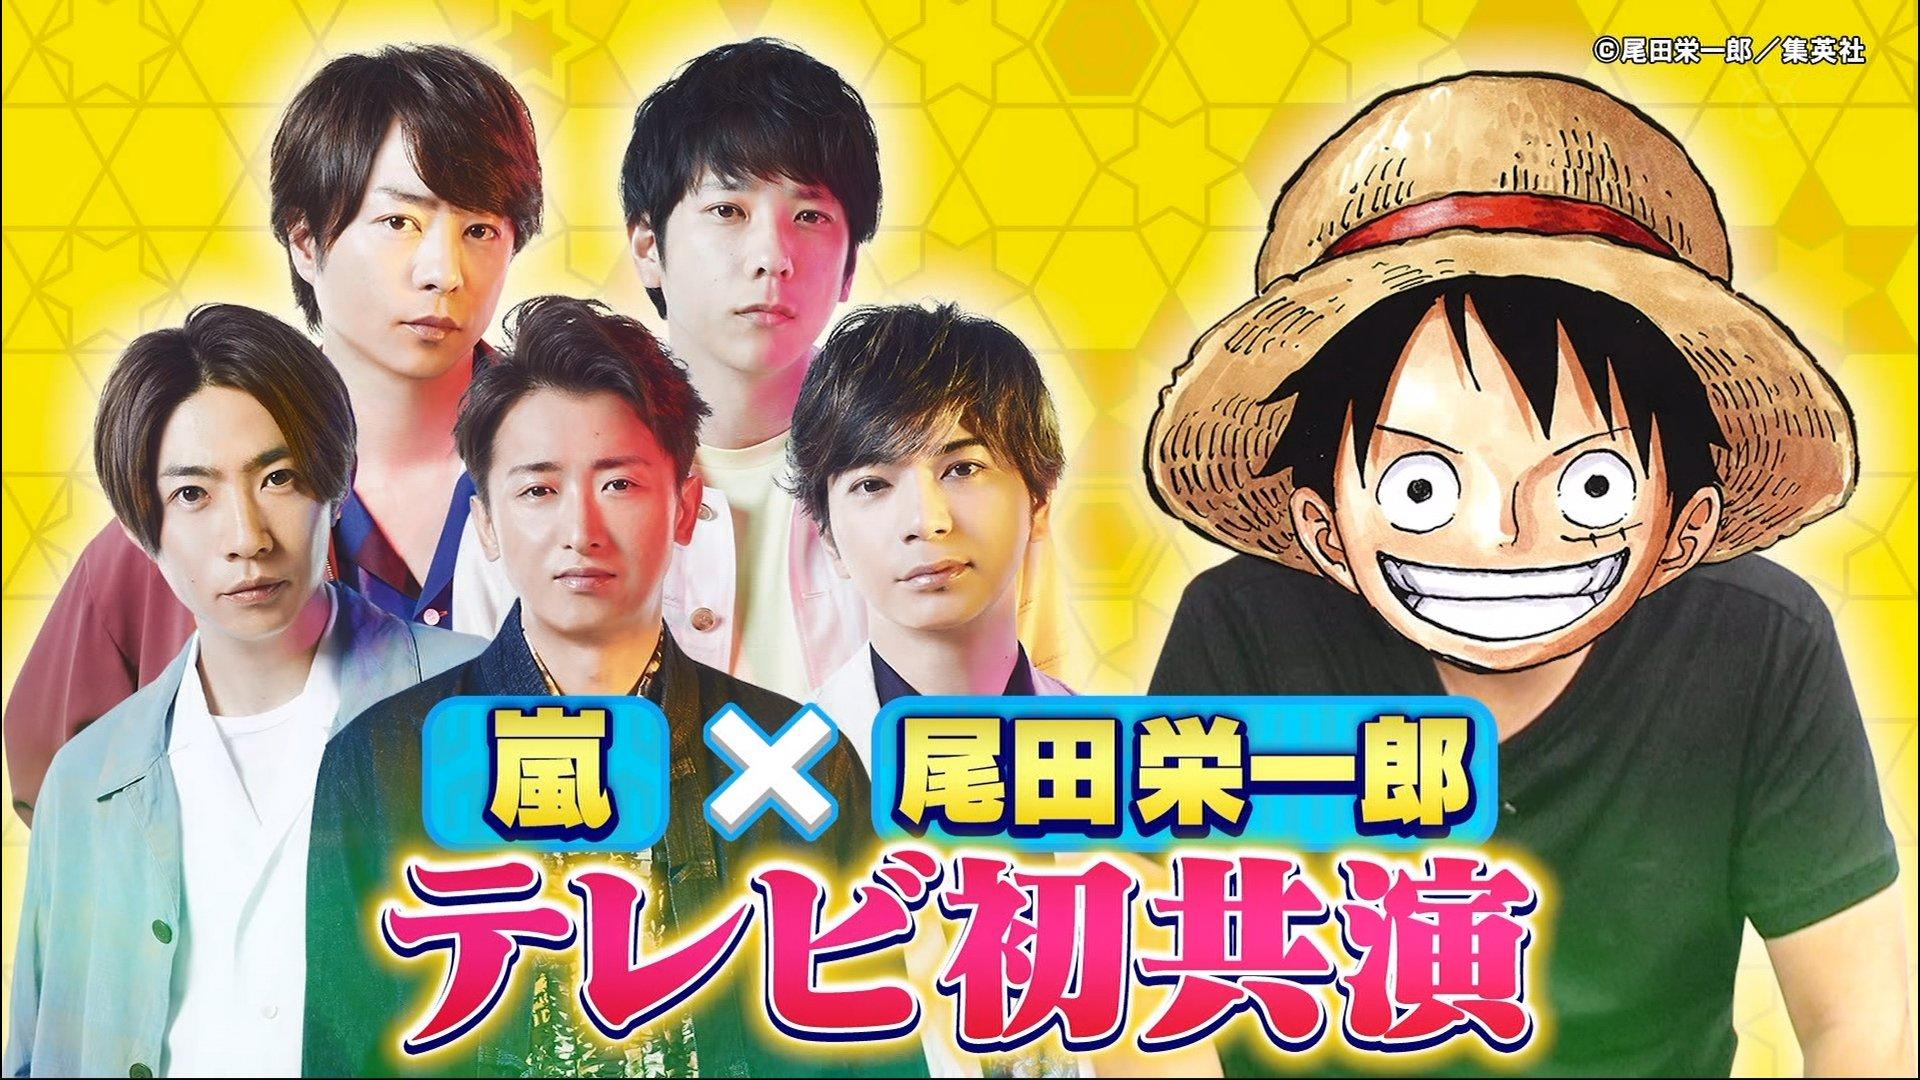 ARASHI x EIICHIRO ODA TV Interview – 嵐ツボ ARASHI TSUBO